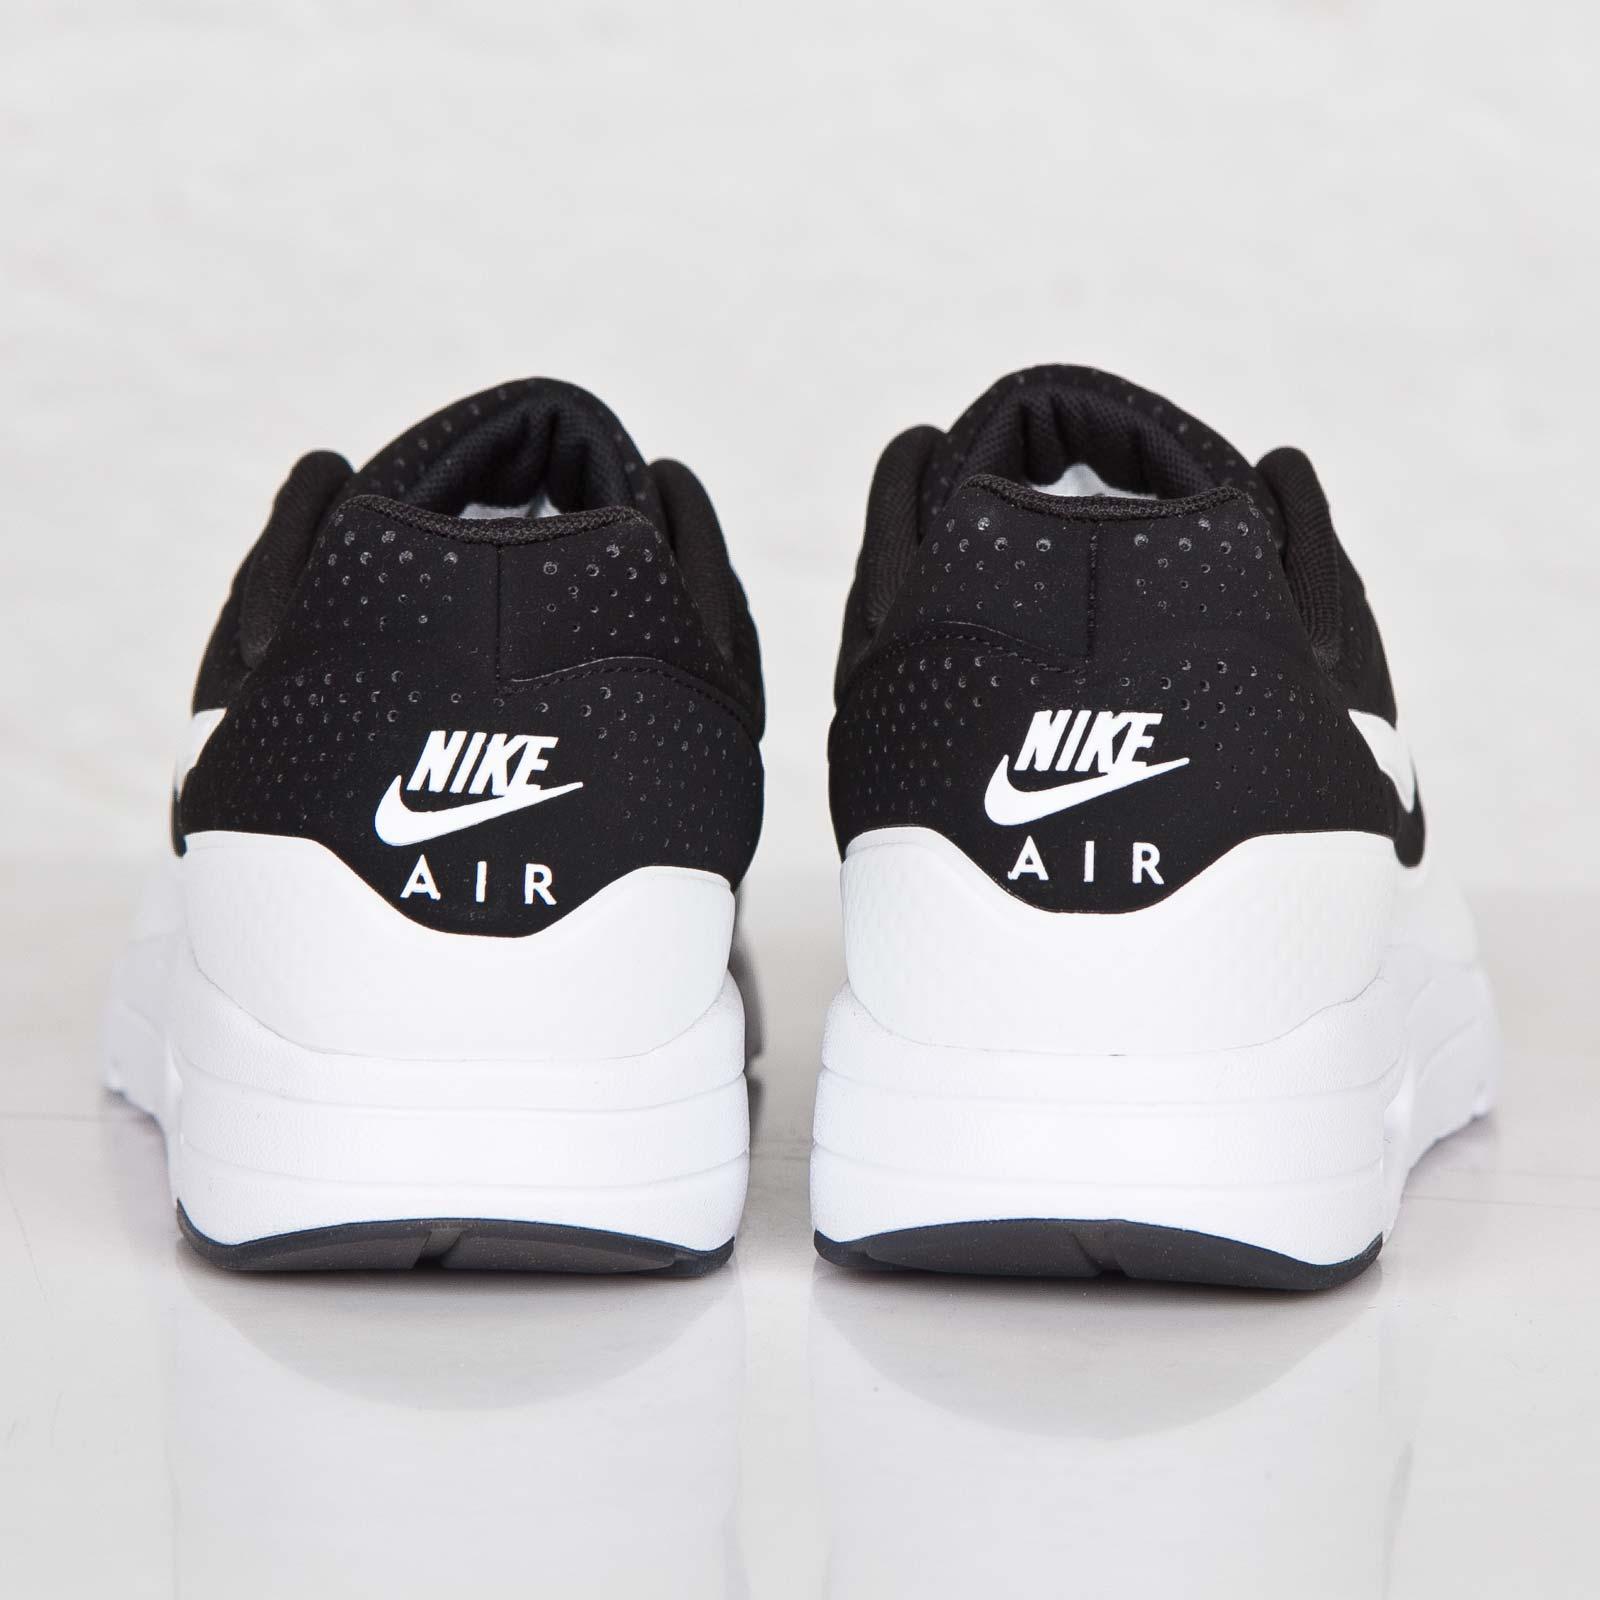 NIKE AIR MAX 1 ULTRA MOIRE OREO Nike Air Max 1 moire reflector black white black white 705297 001